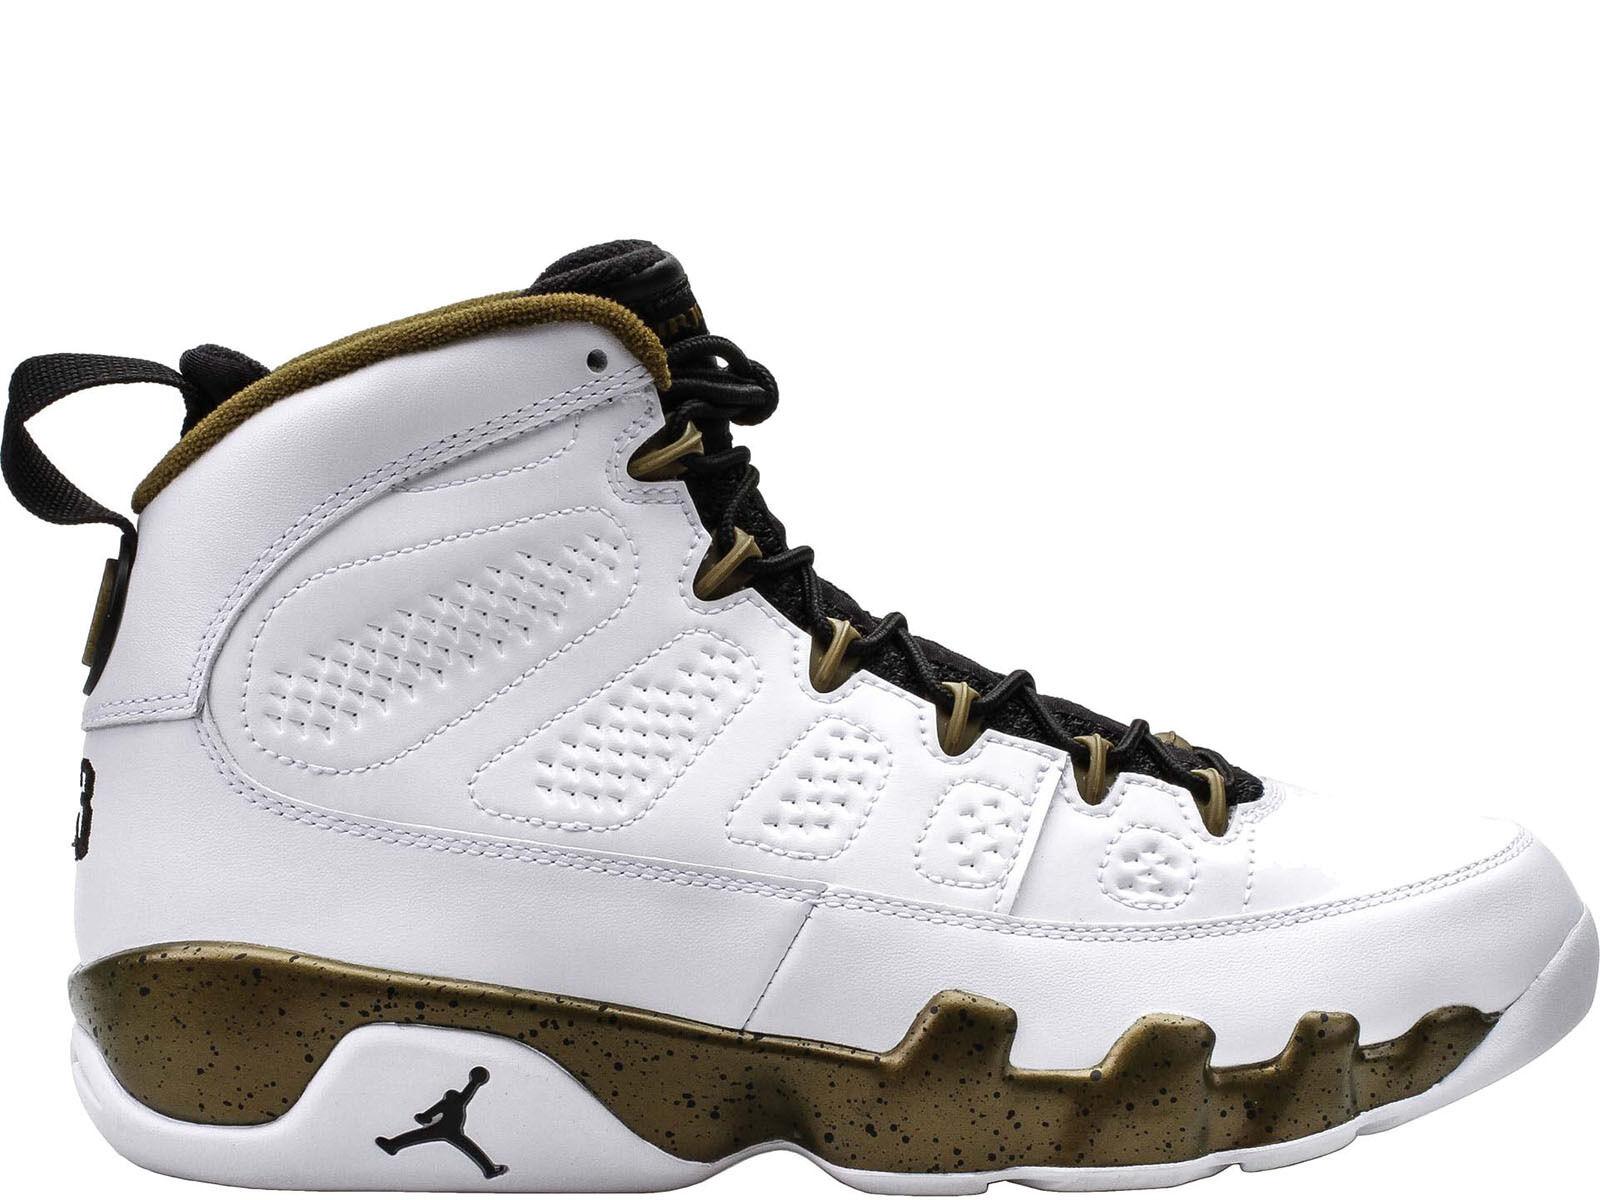 Men's Brand New Air Jordan 9 Retro  Statues  Athletic Sneakers